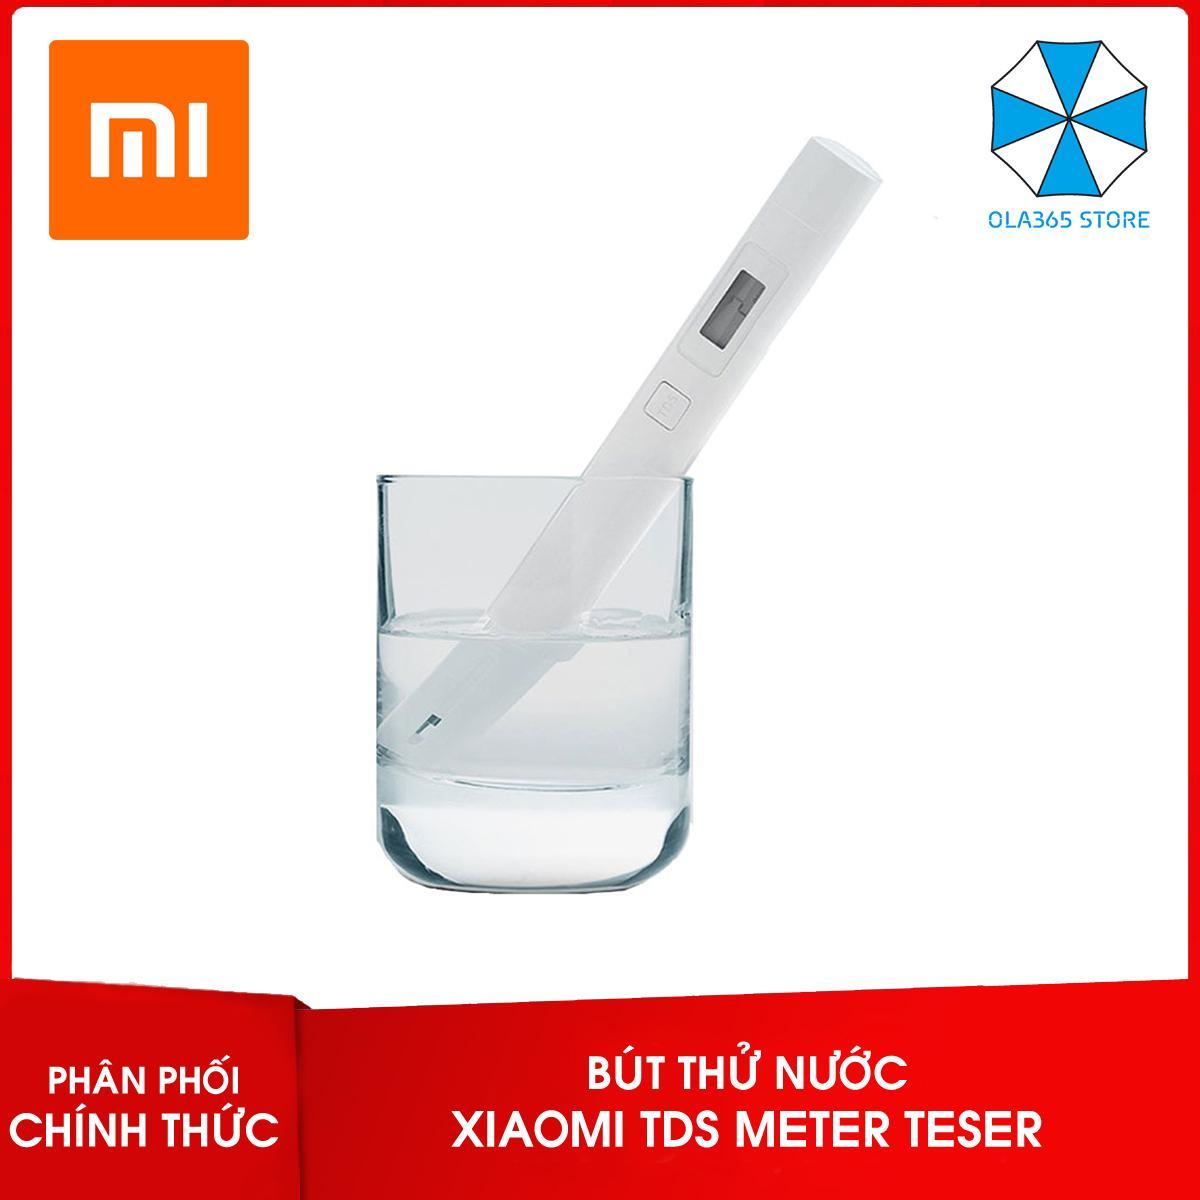 Bút thử nước TDS - kiểm tra chất lượng nước Xiaomi TDS Meter Tester